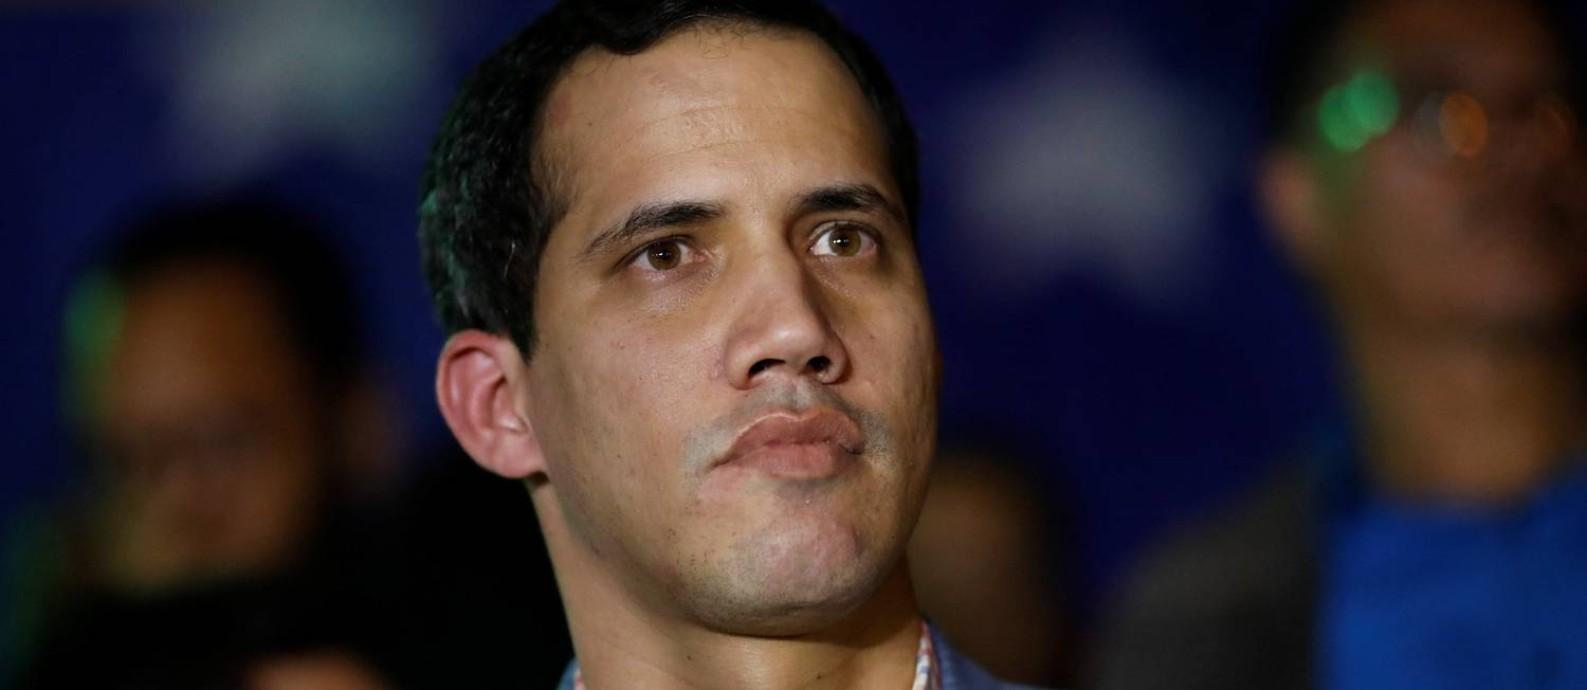 Juan Guaidó, presidente da Assembleia Nacional da Venezuela, em Caracas Foto: CARLOS GARCIA RAWLINS / REUTERS